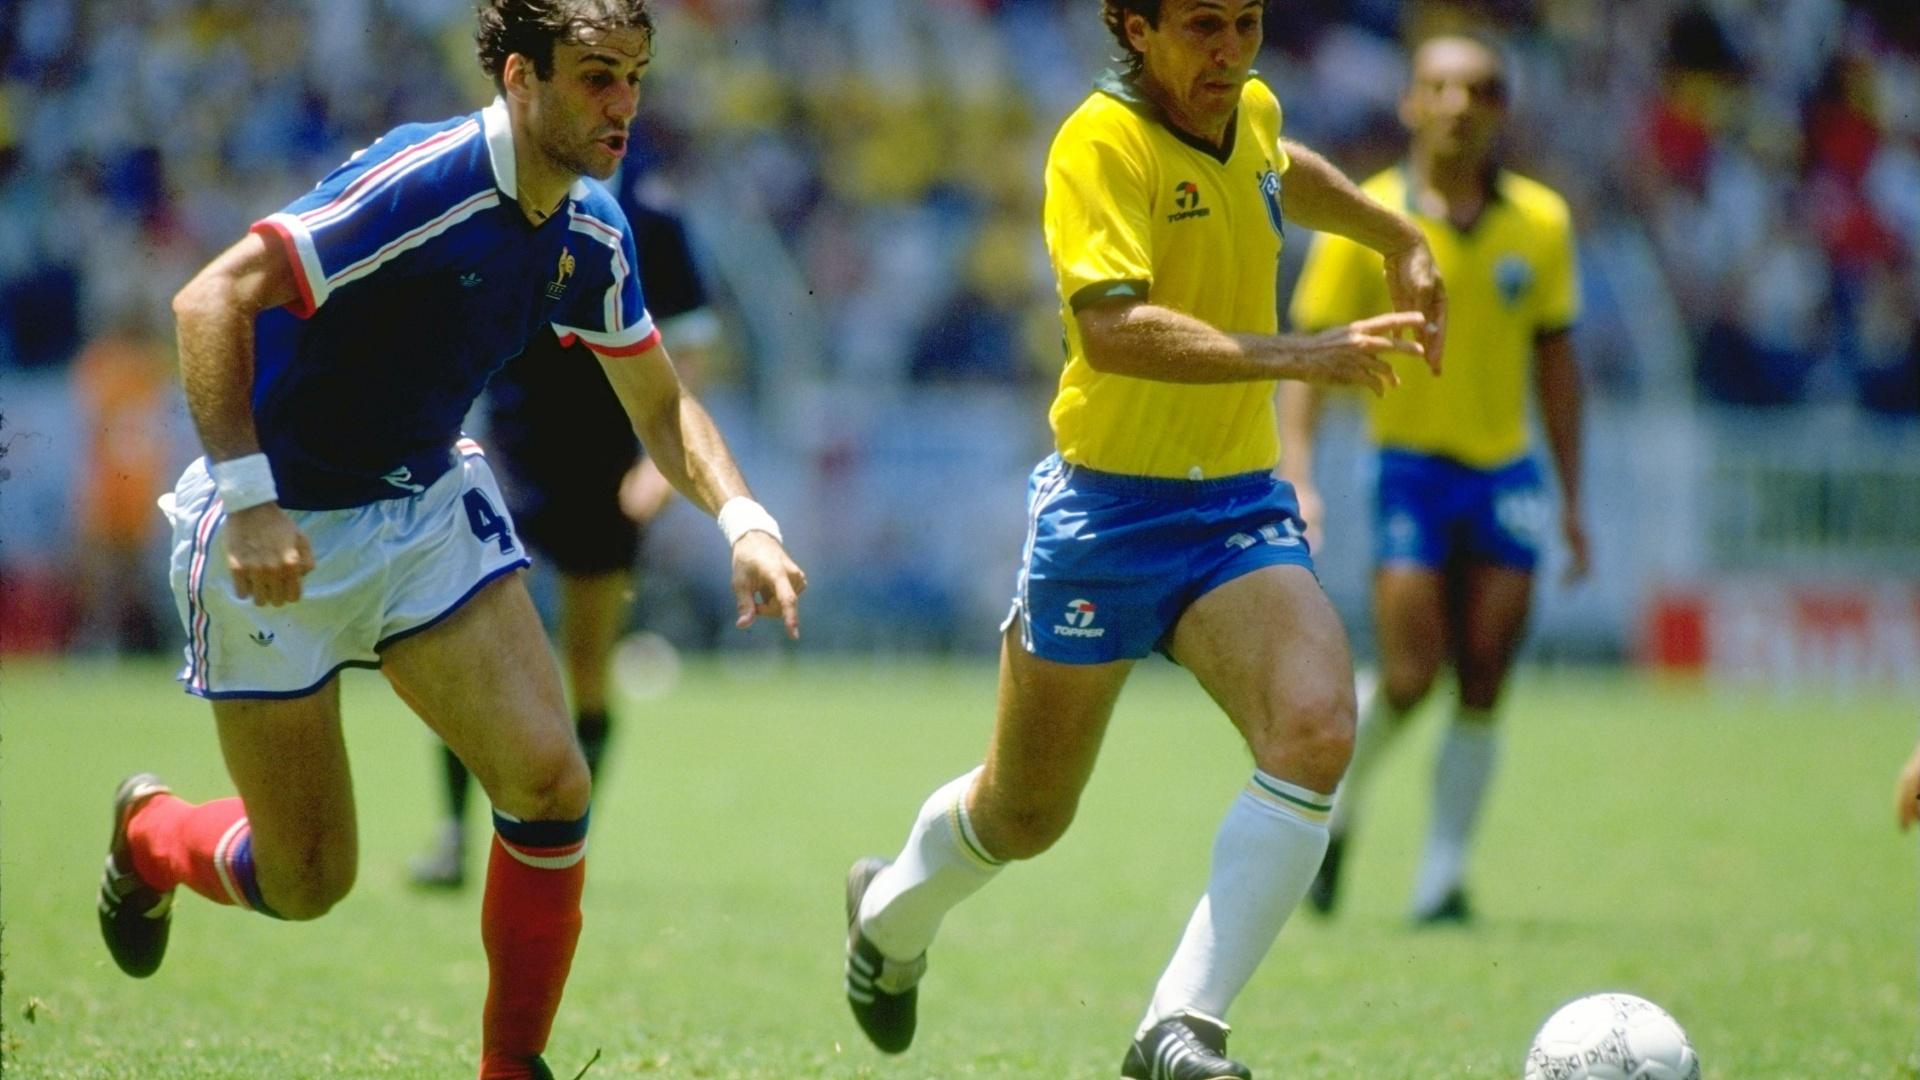 Zico carrega a bola em duelo contra a França pela Copa do Mundo de 1986